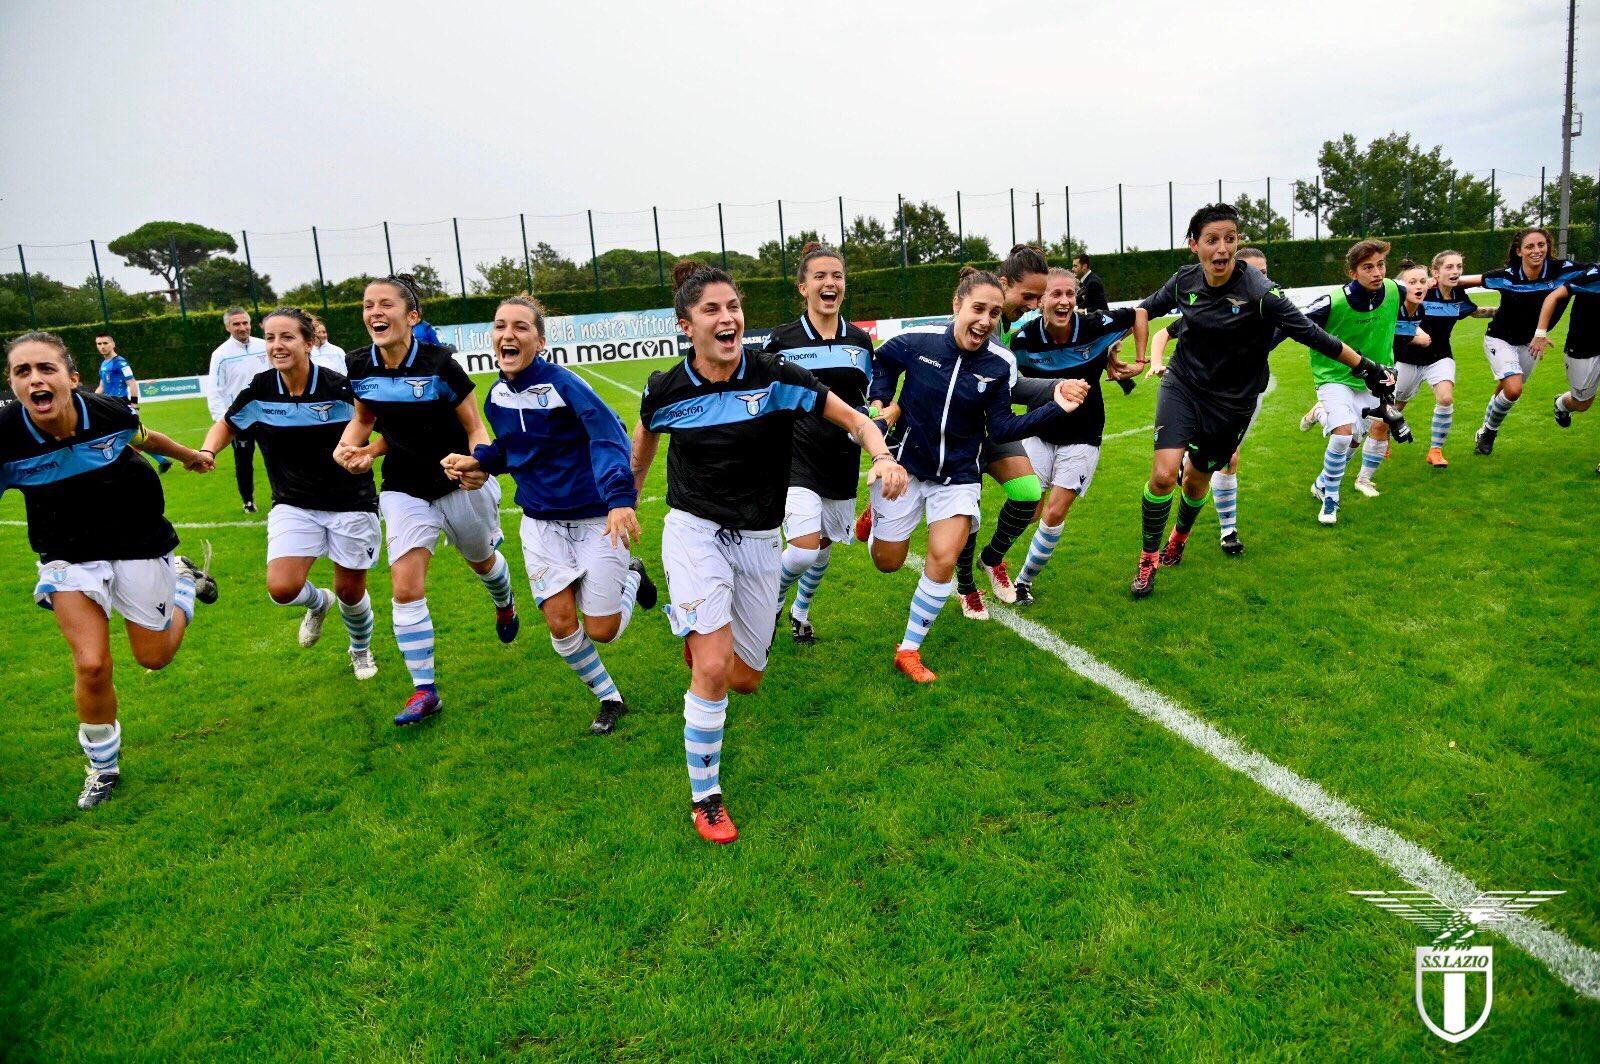 Dopo l'ok dal 18 maggio, il calcio femminile rimane ancora in stan-by